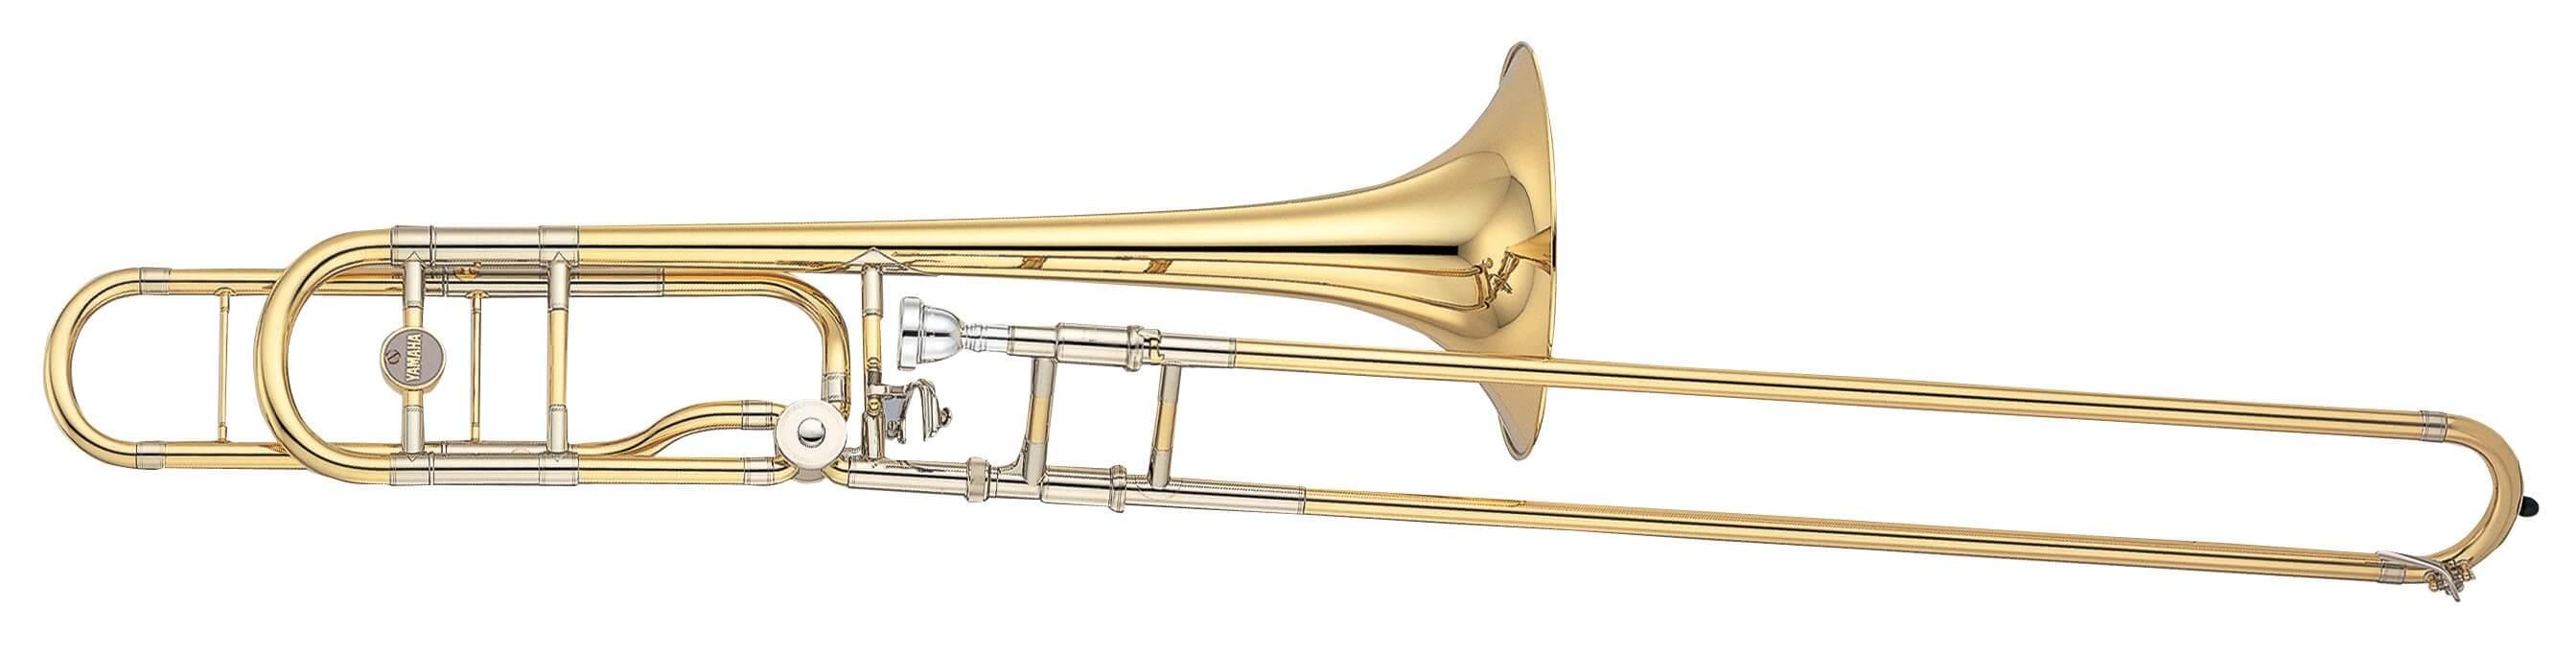 Trombon Tenor/Bajo Yamaha Ysl-882O